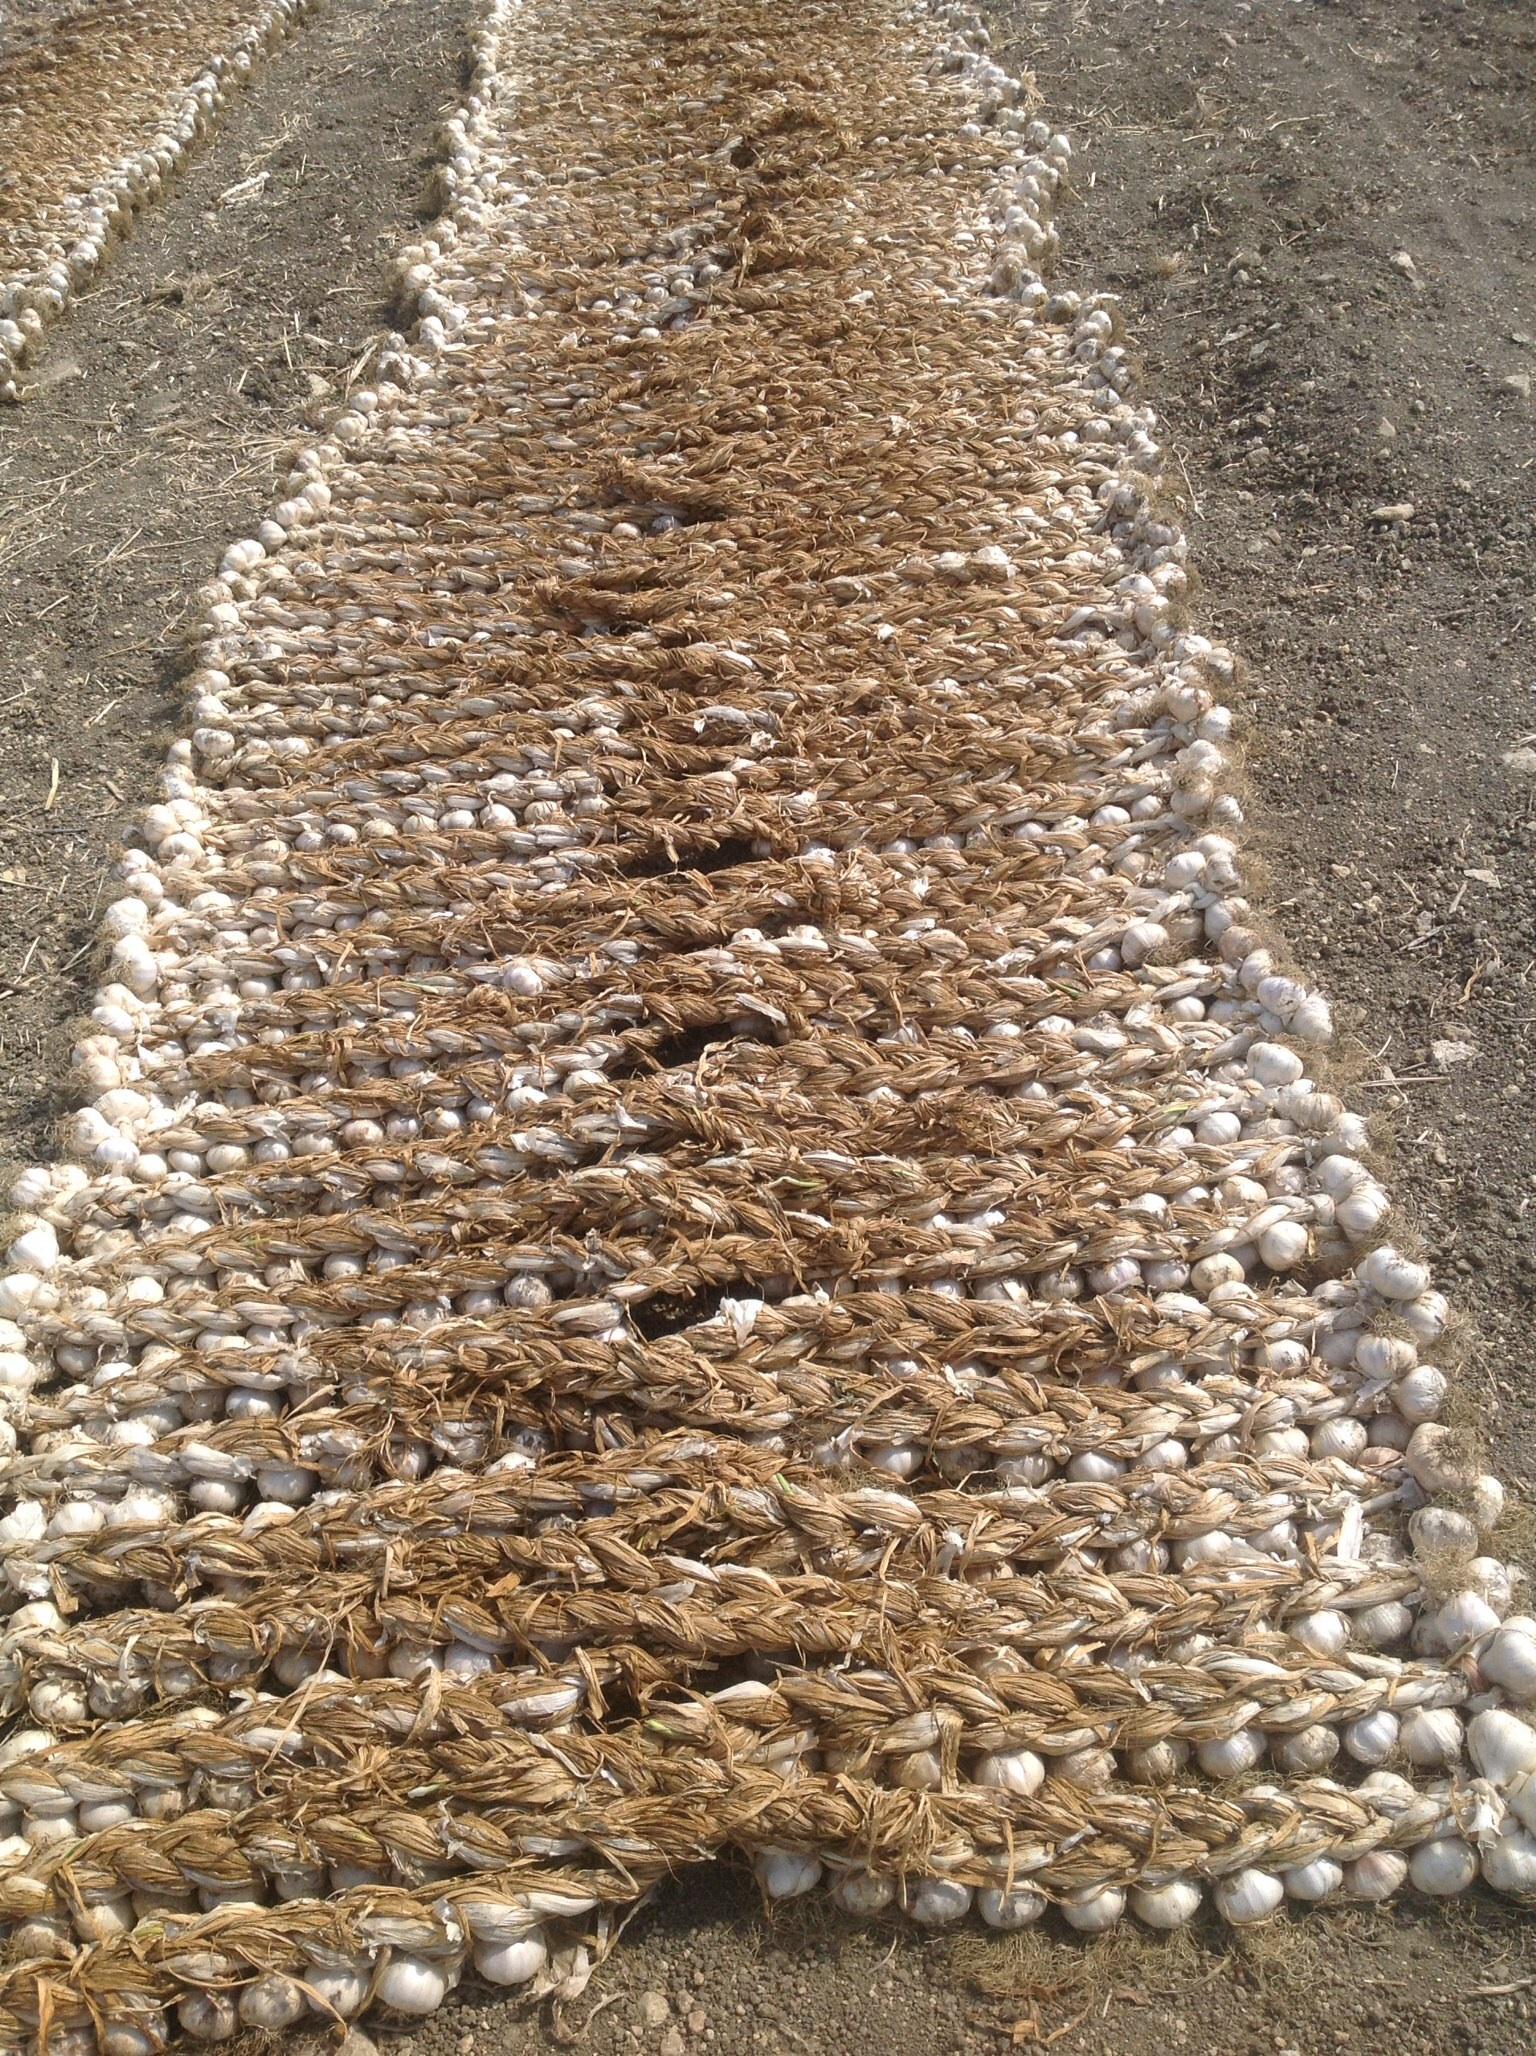 Azienda Agrícola Balducco llegó el ajo de Nubia nueva producción 2014